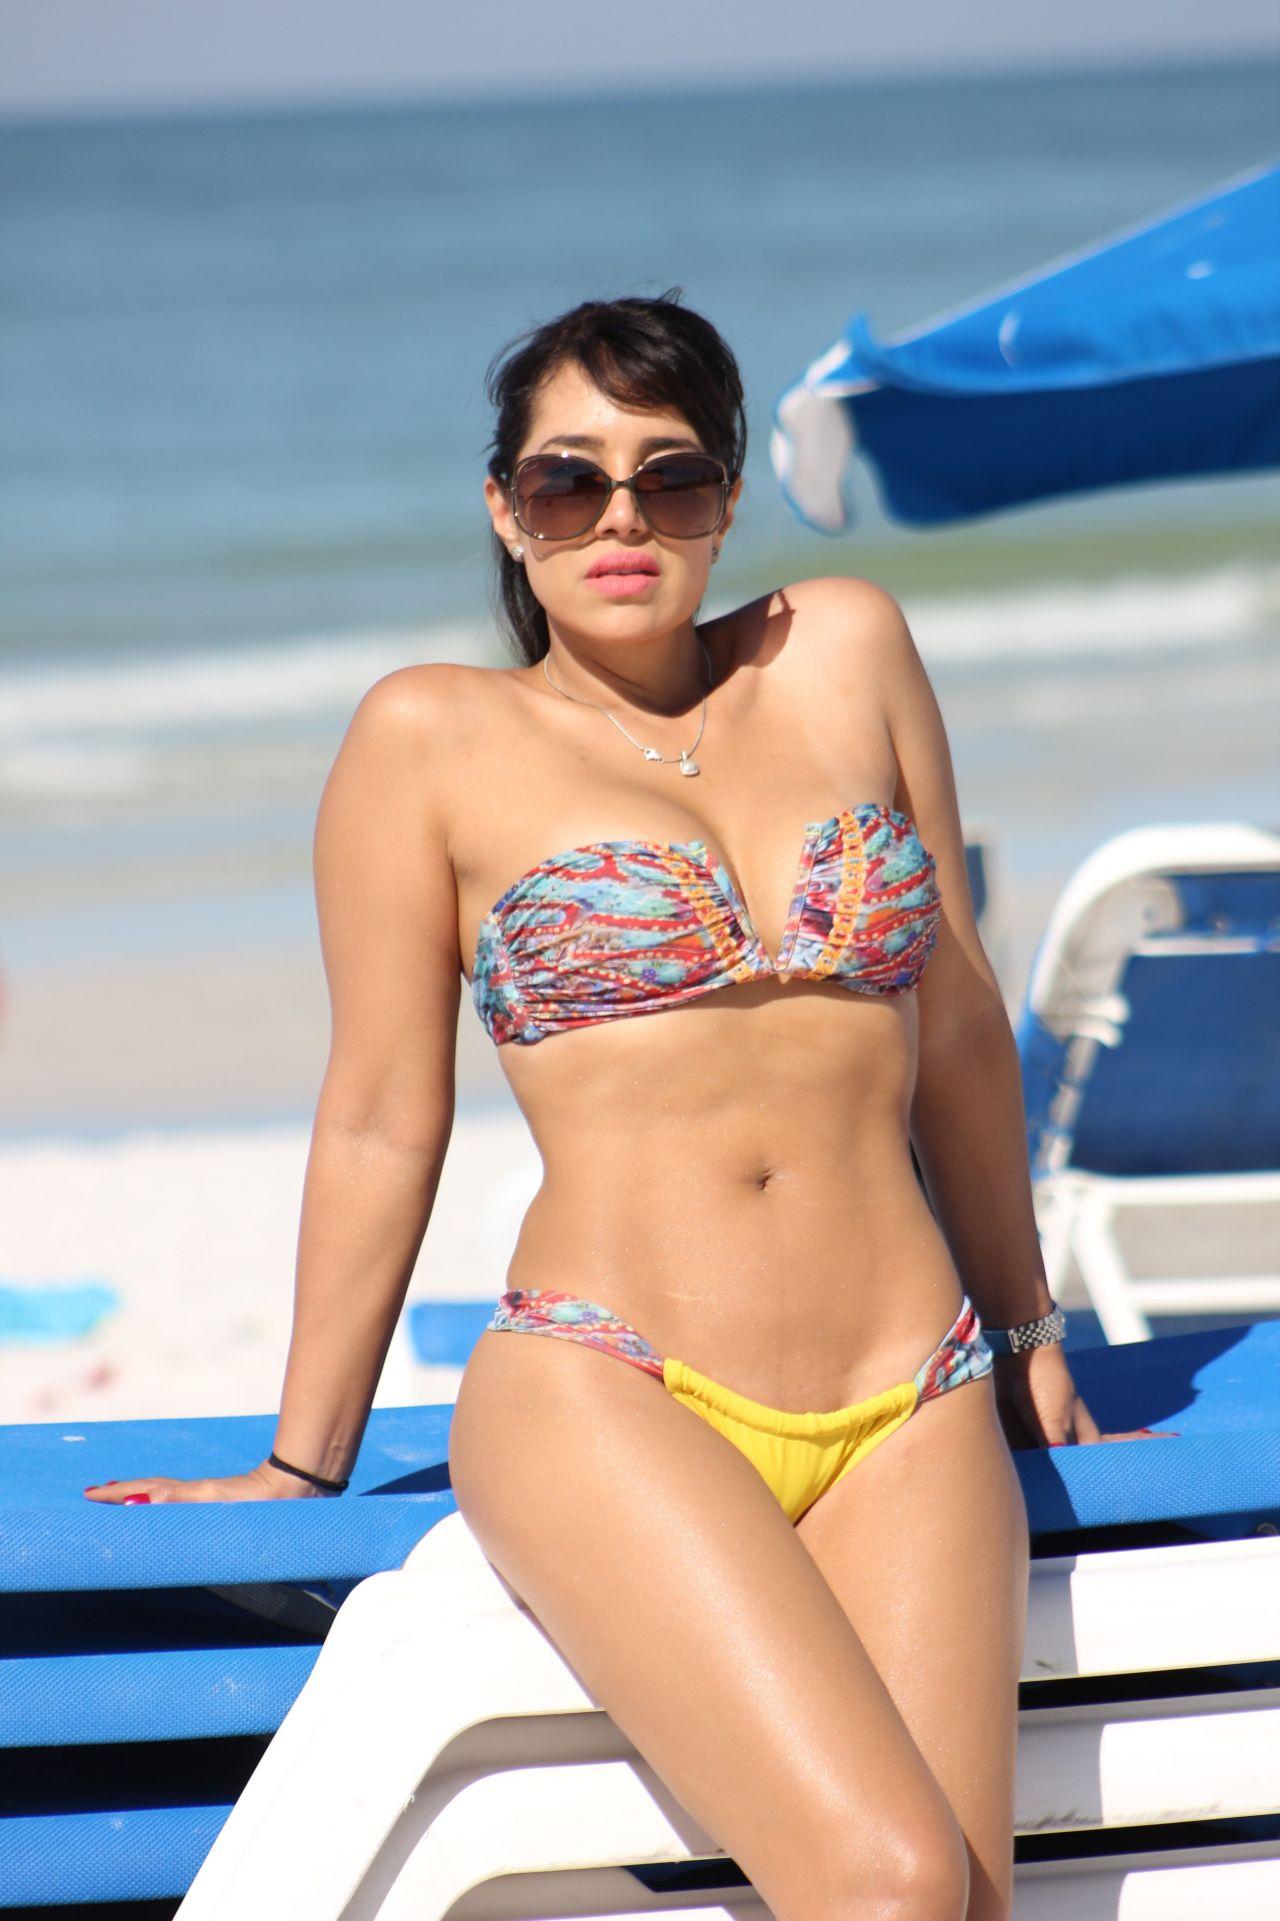 Andrea Calle in Bikini on the beach in Miami Pic 9 of 35